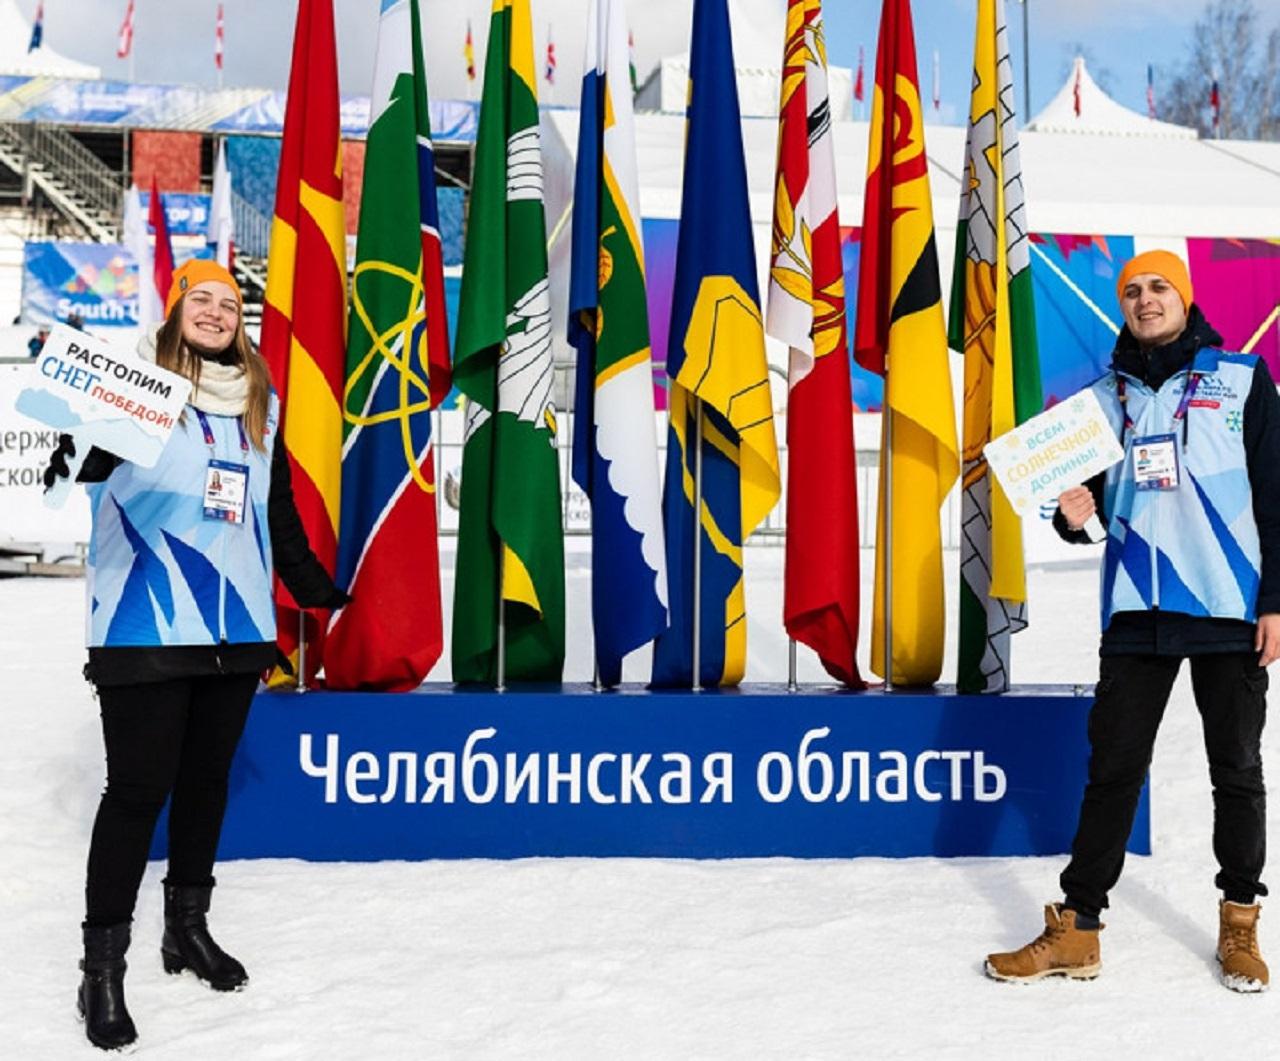 Челябинск встречает участников этапа Кубка мира по фристайлу